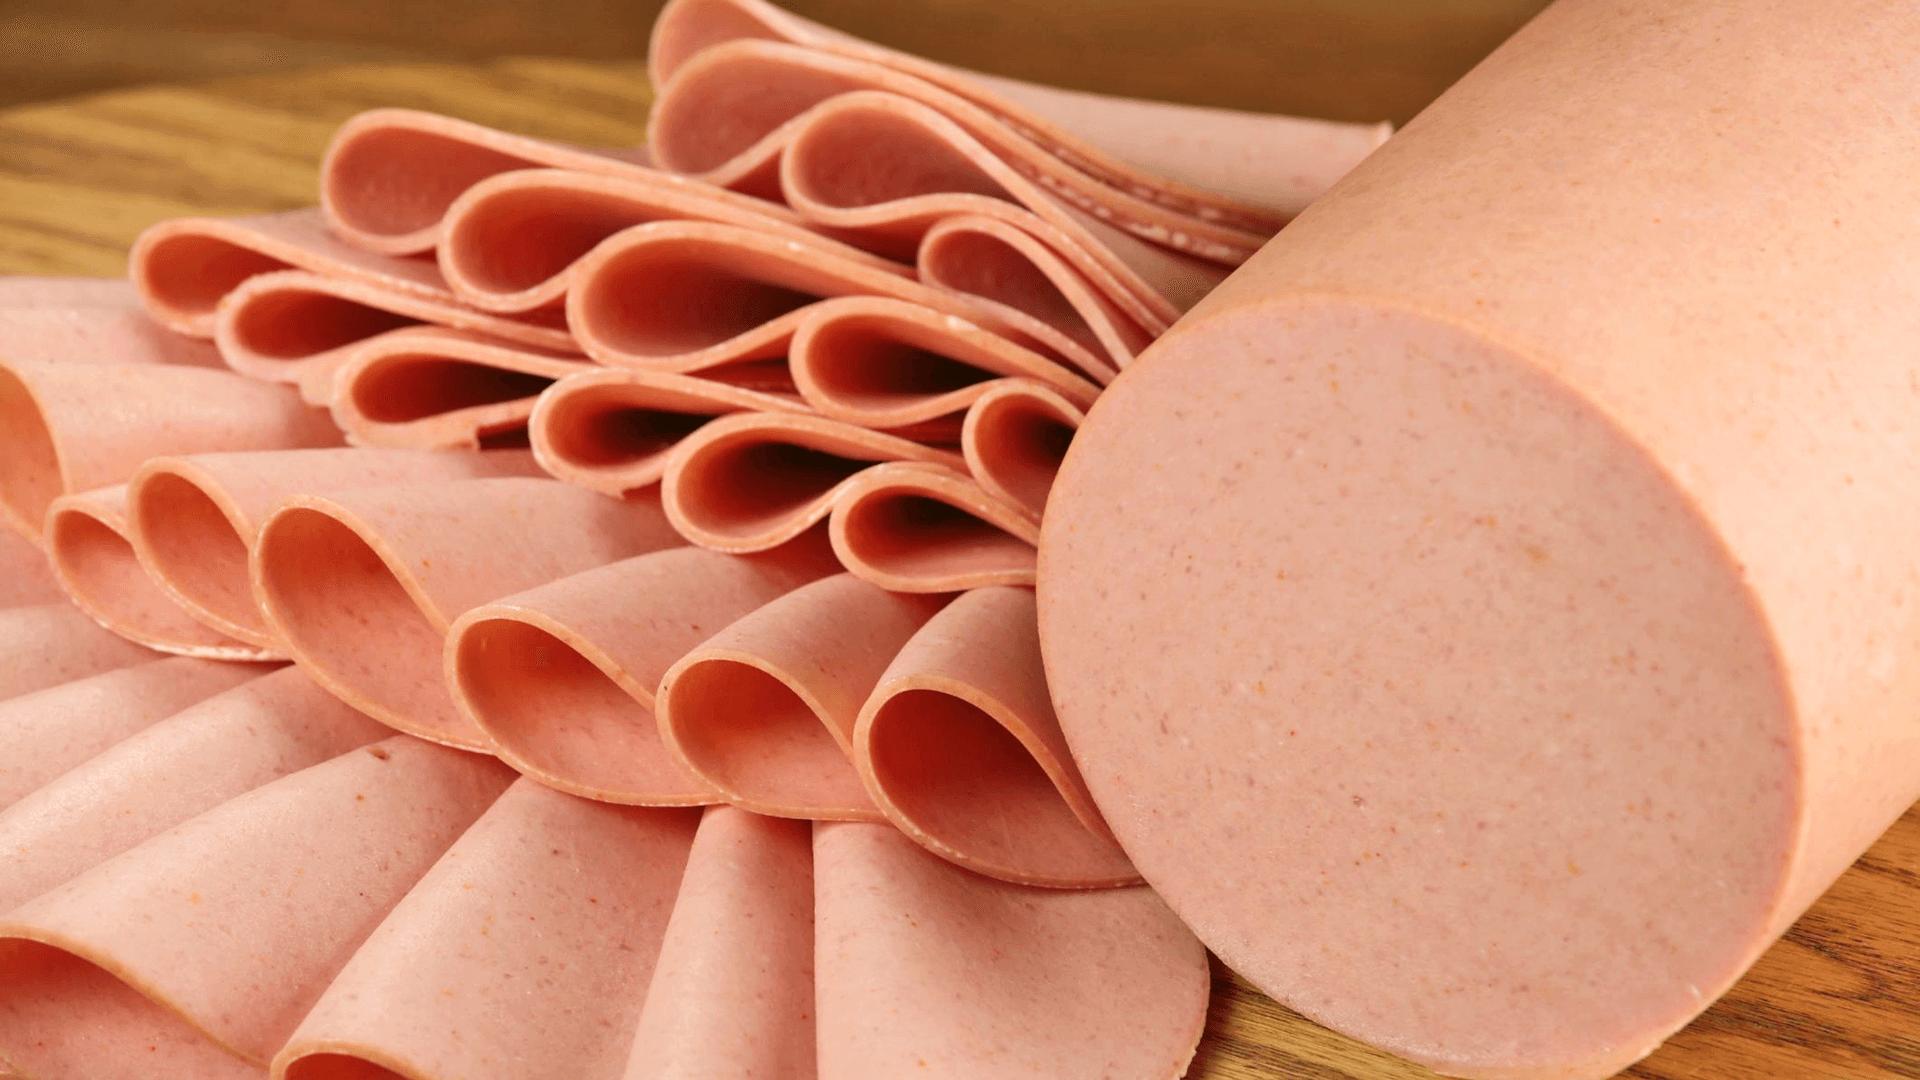 Sliced Bologna Salami